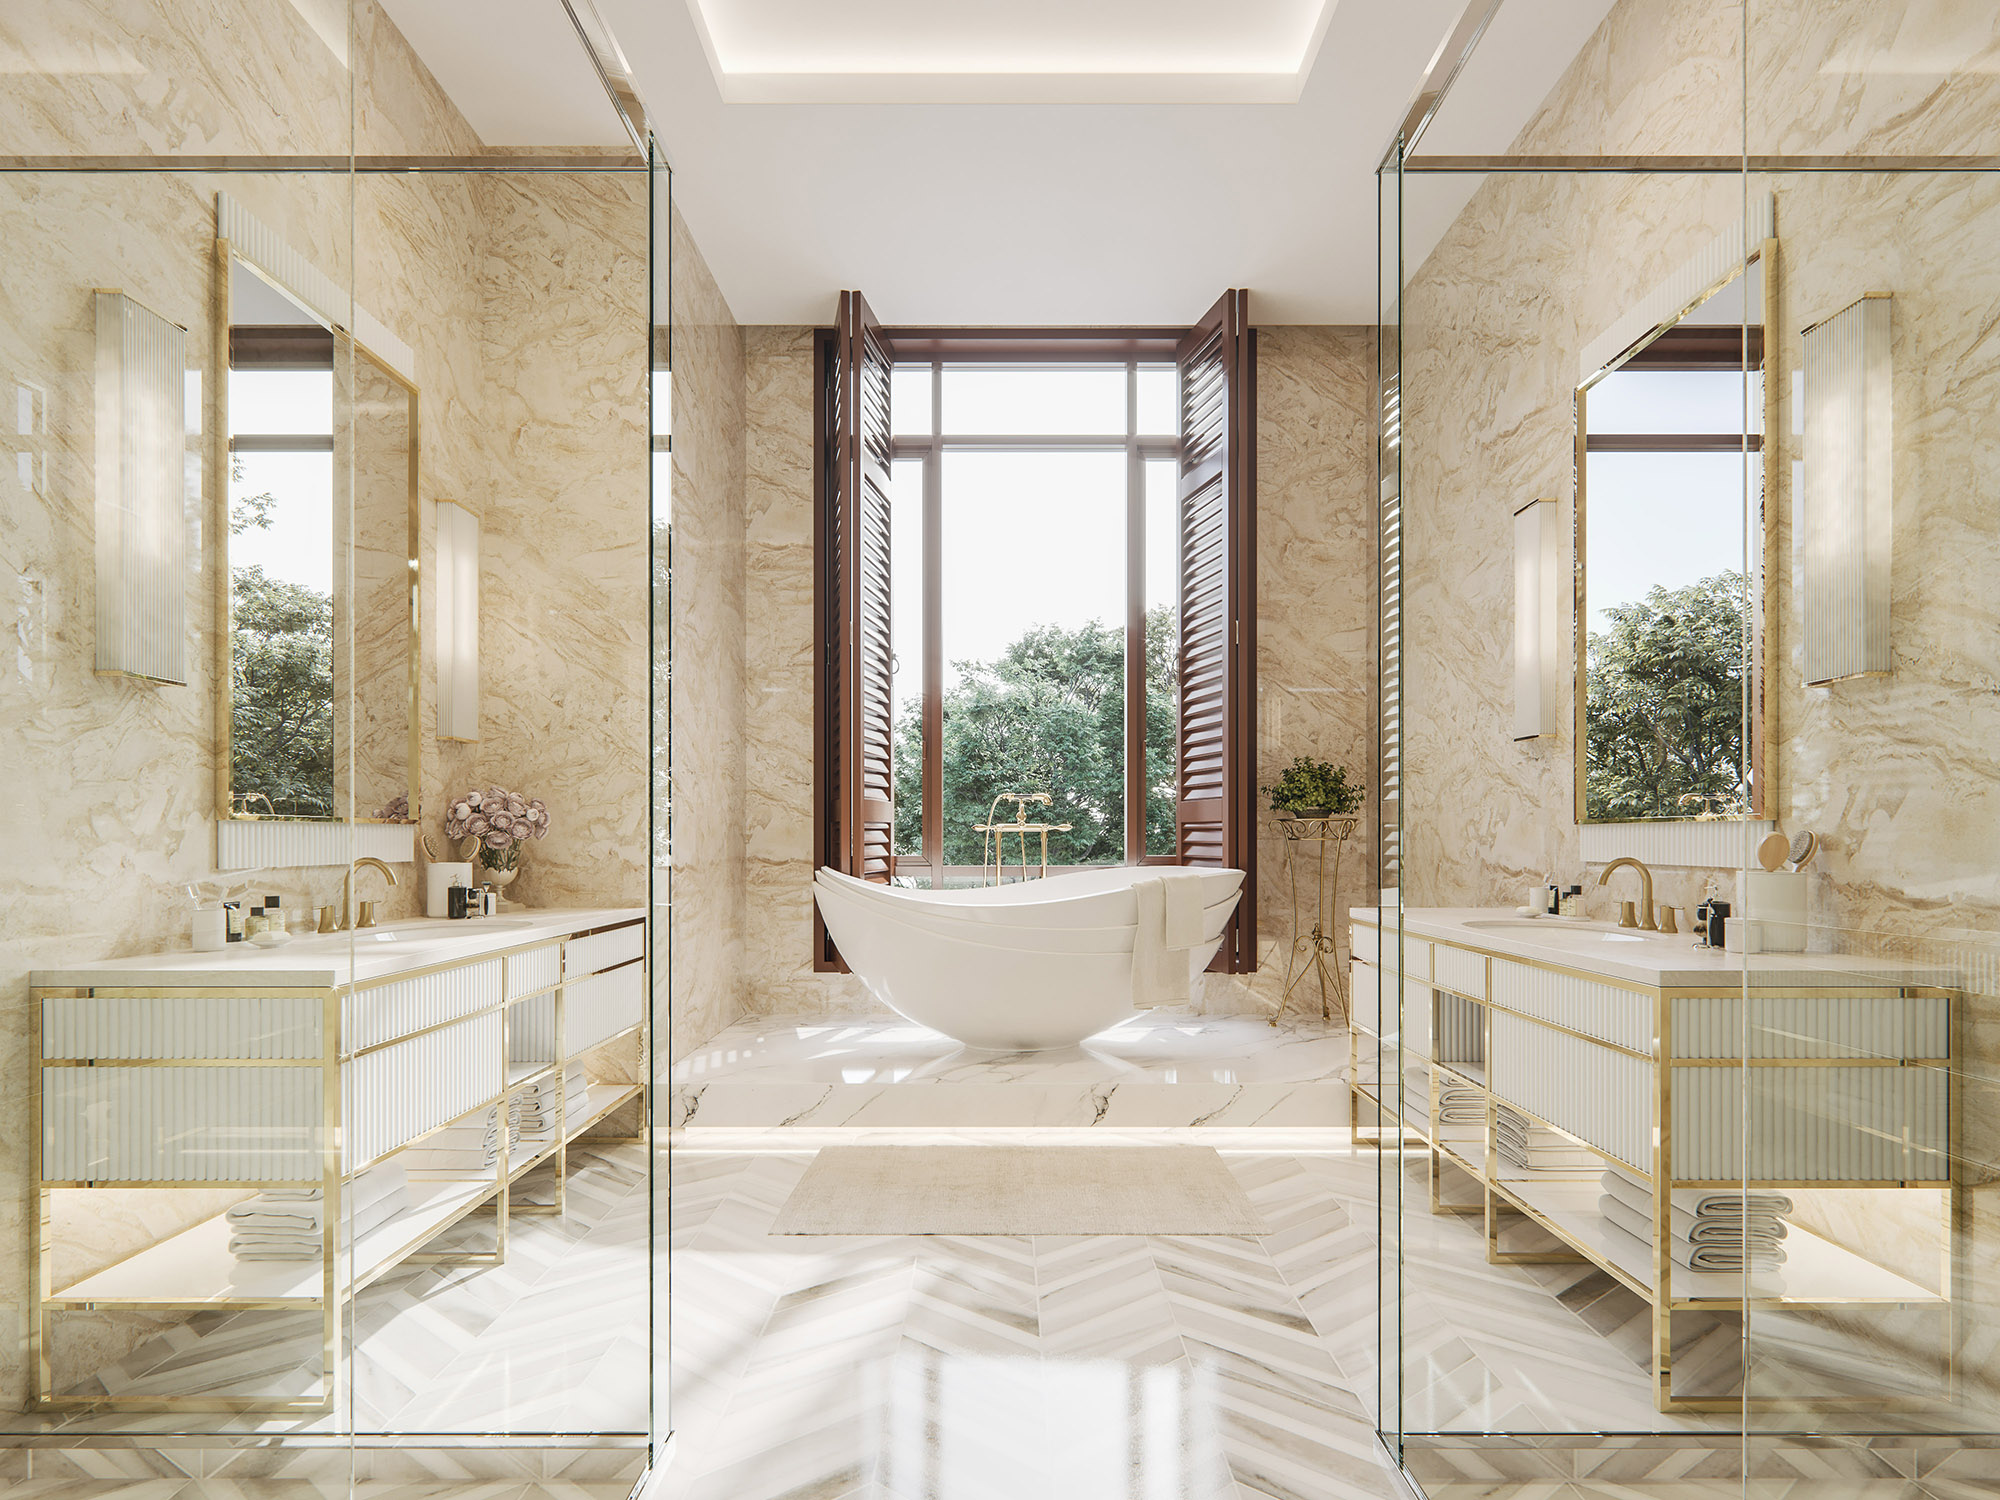 EMPEROR_Contem - Bath.jpg